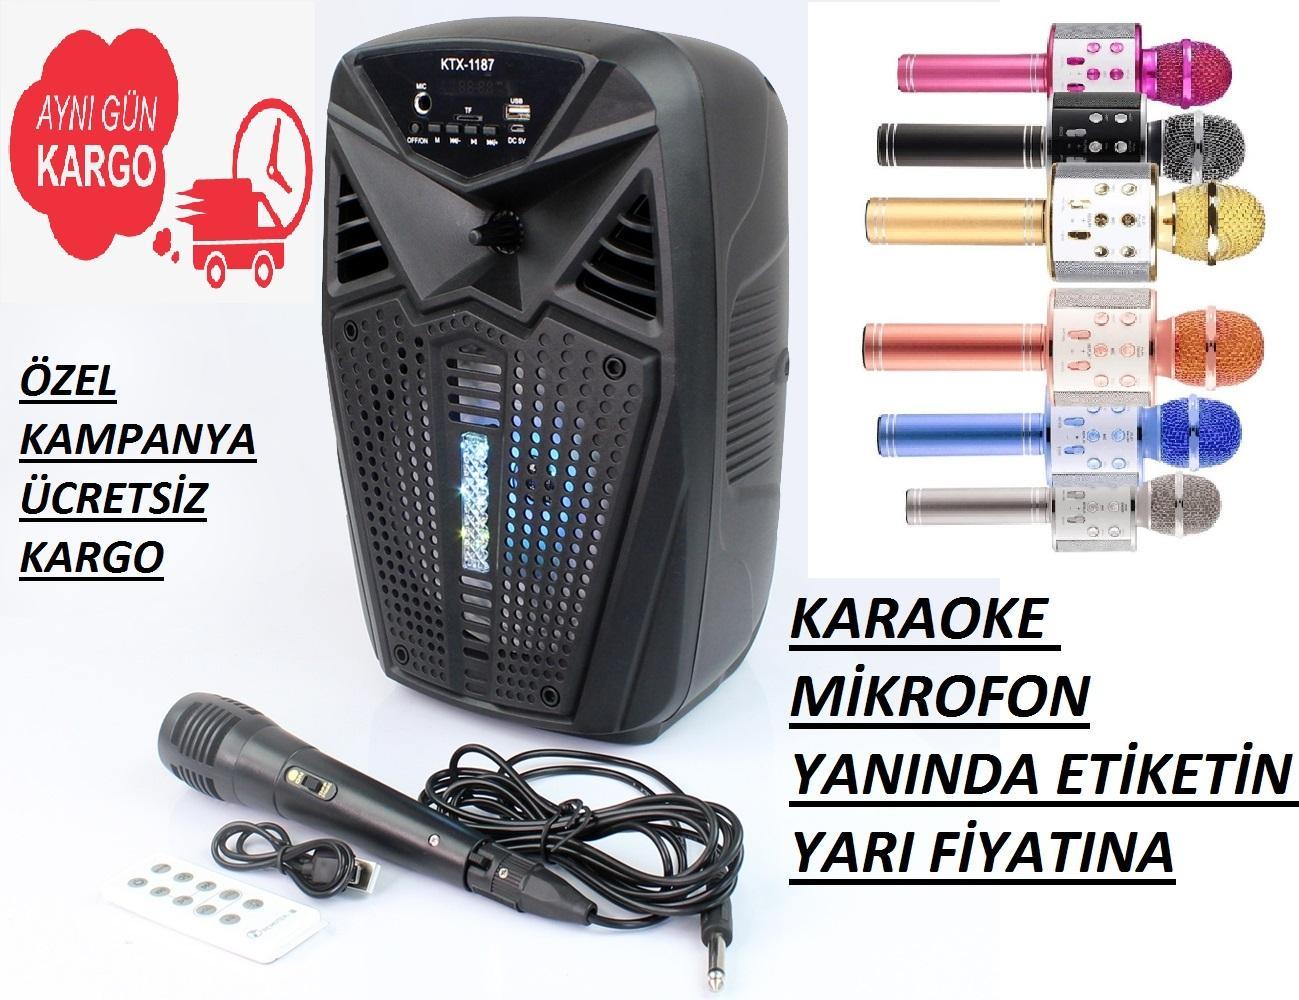 Mikrofonlu Şarjlı Wireless Karaoke Amfi Hoparlör Speaker + KARAOKE MİKROFON YARI FİYATINA